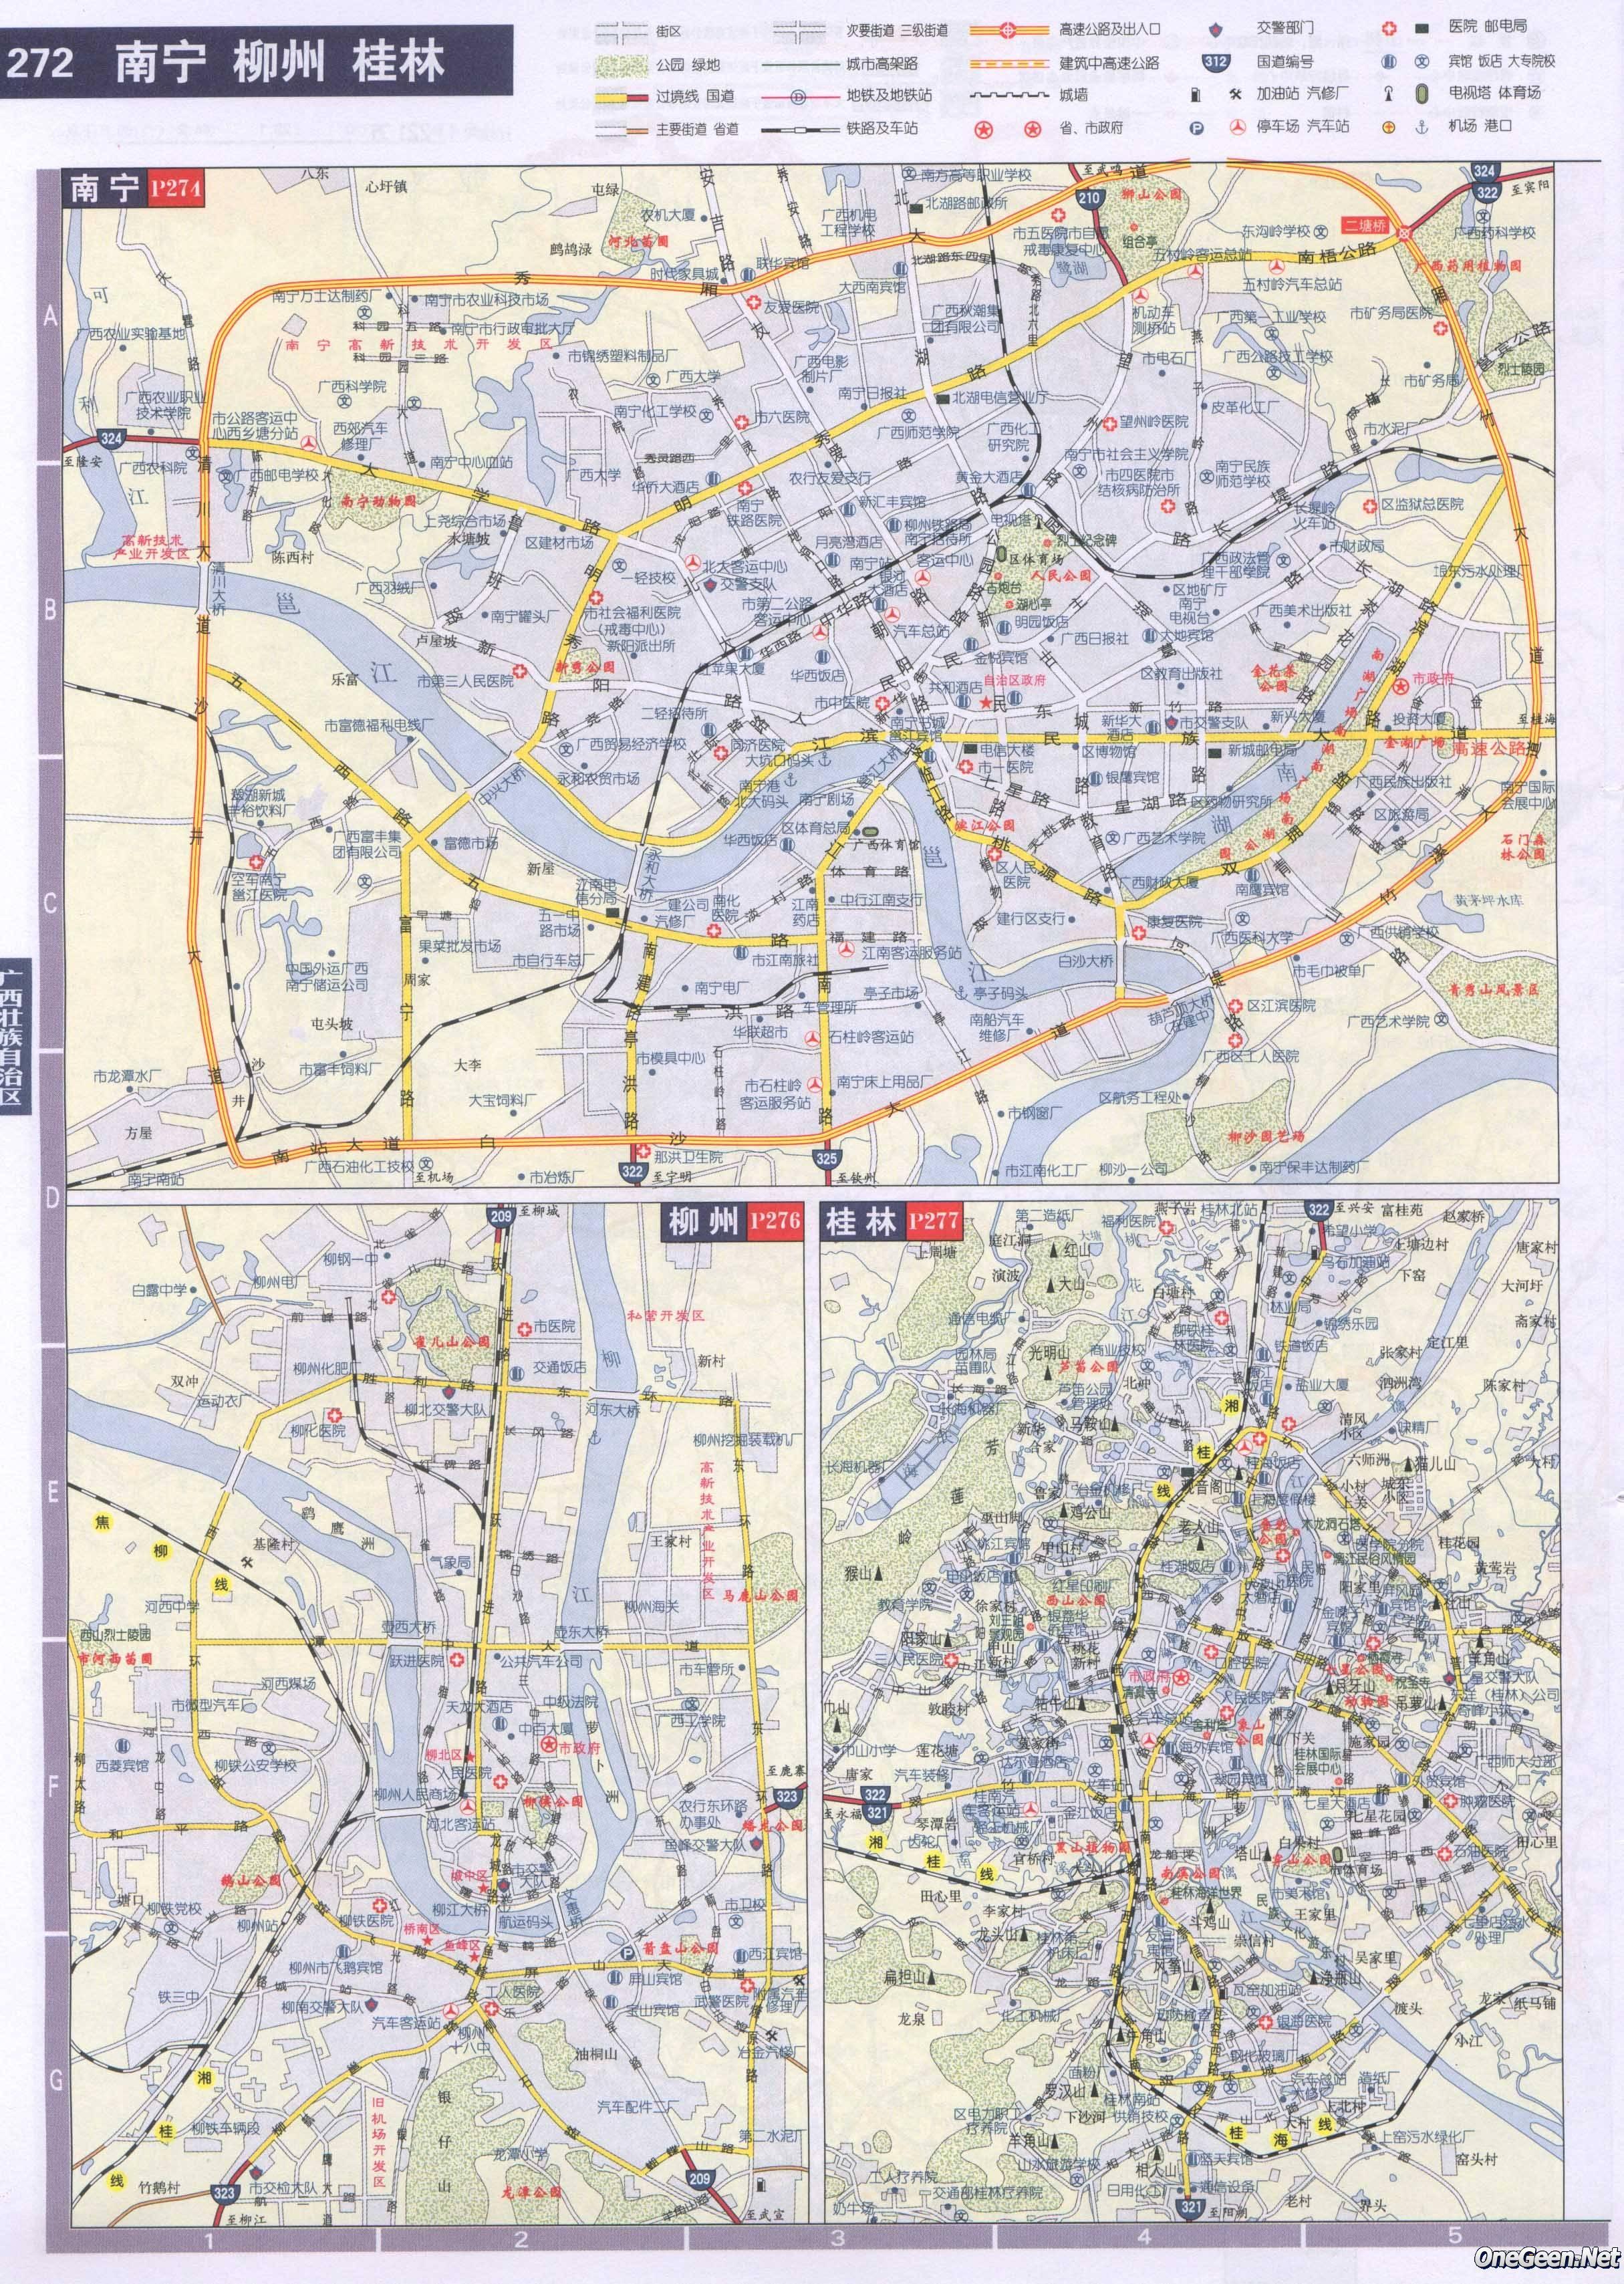 广西交通地图全图_广西南宁柳州桂林公路交通地图_交通地图库_地图窝